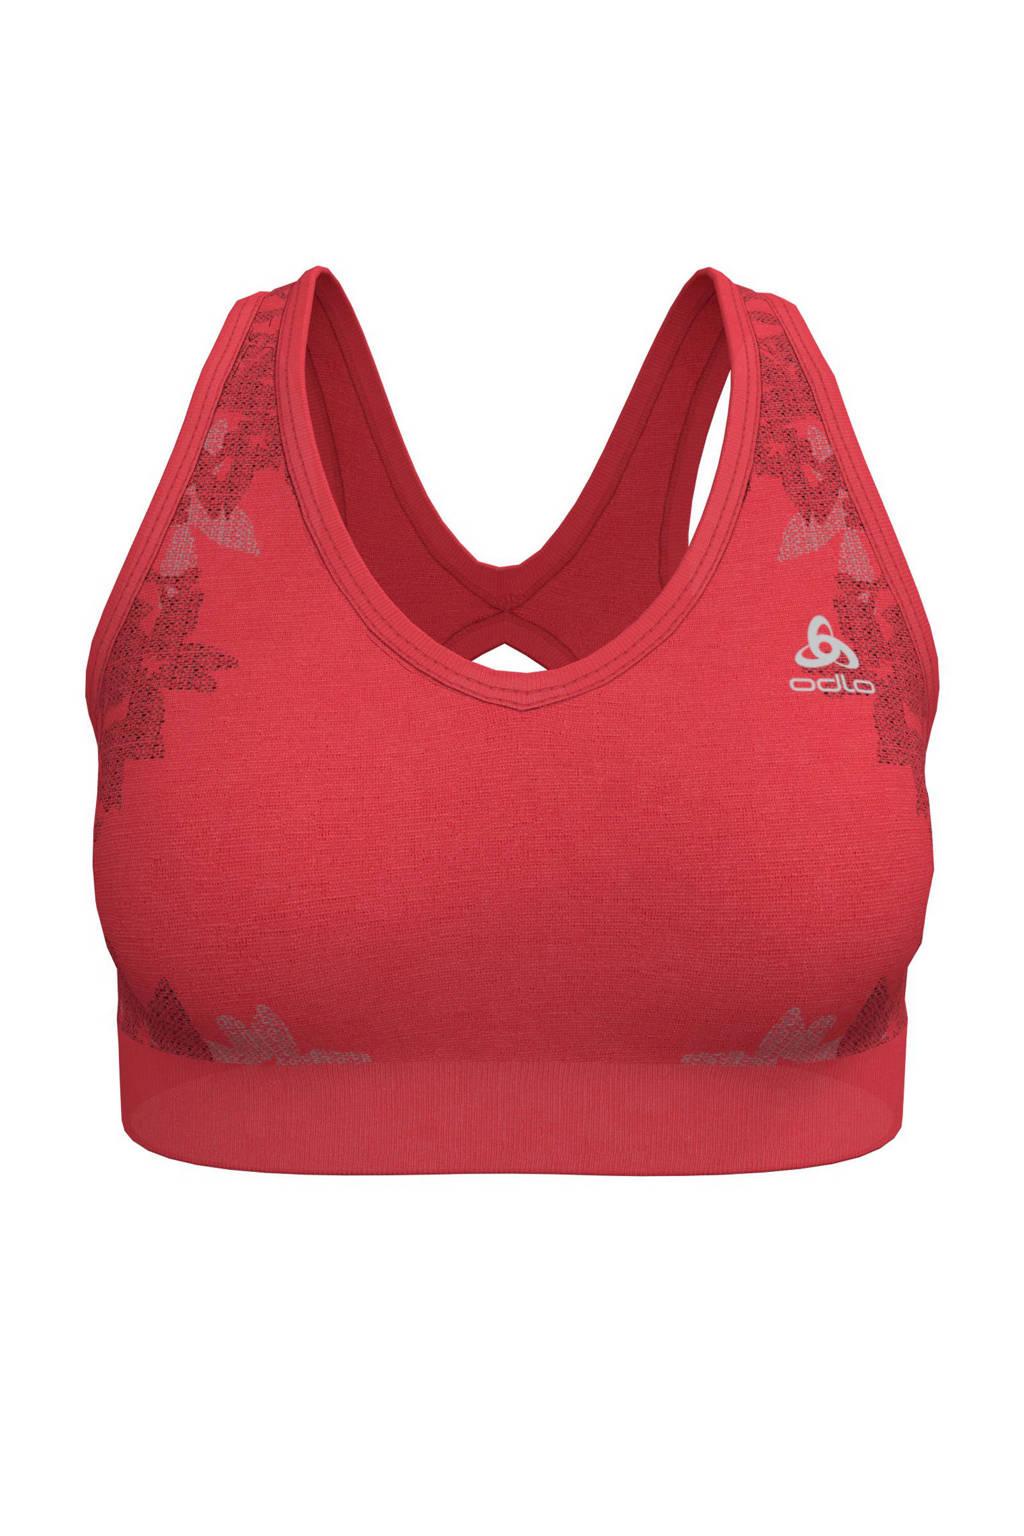 Odlo Level 3 sportbh rood, Rood